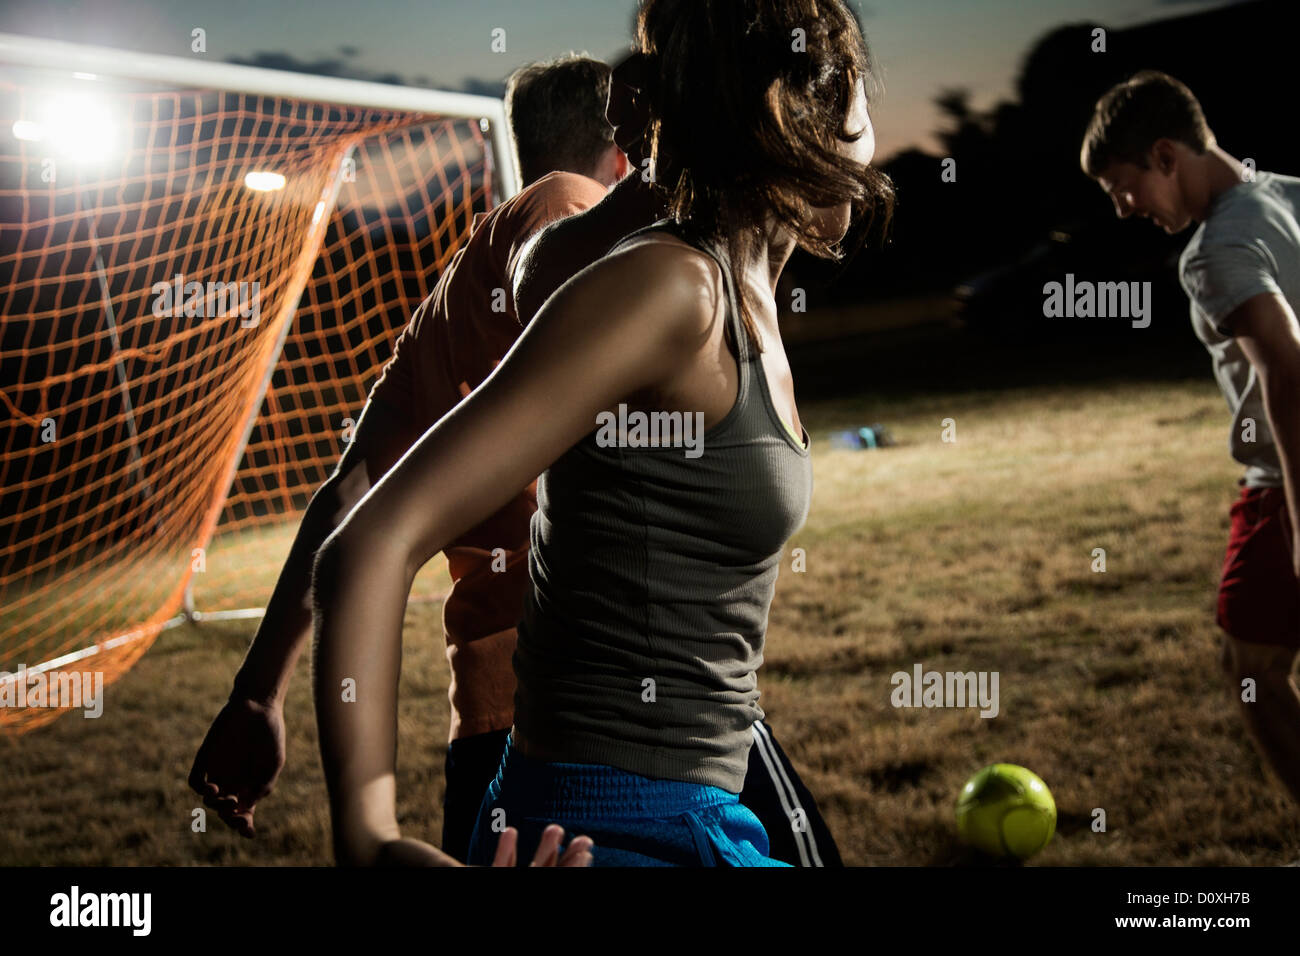 Les amis à jouer au soccer dans la nuit Photo Stock